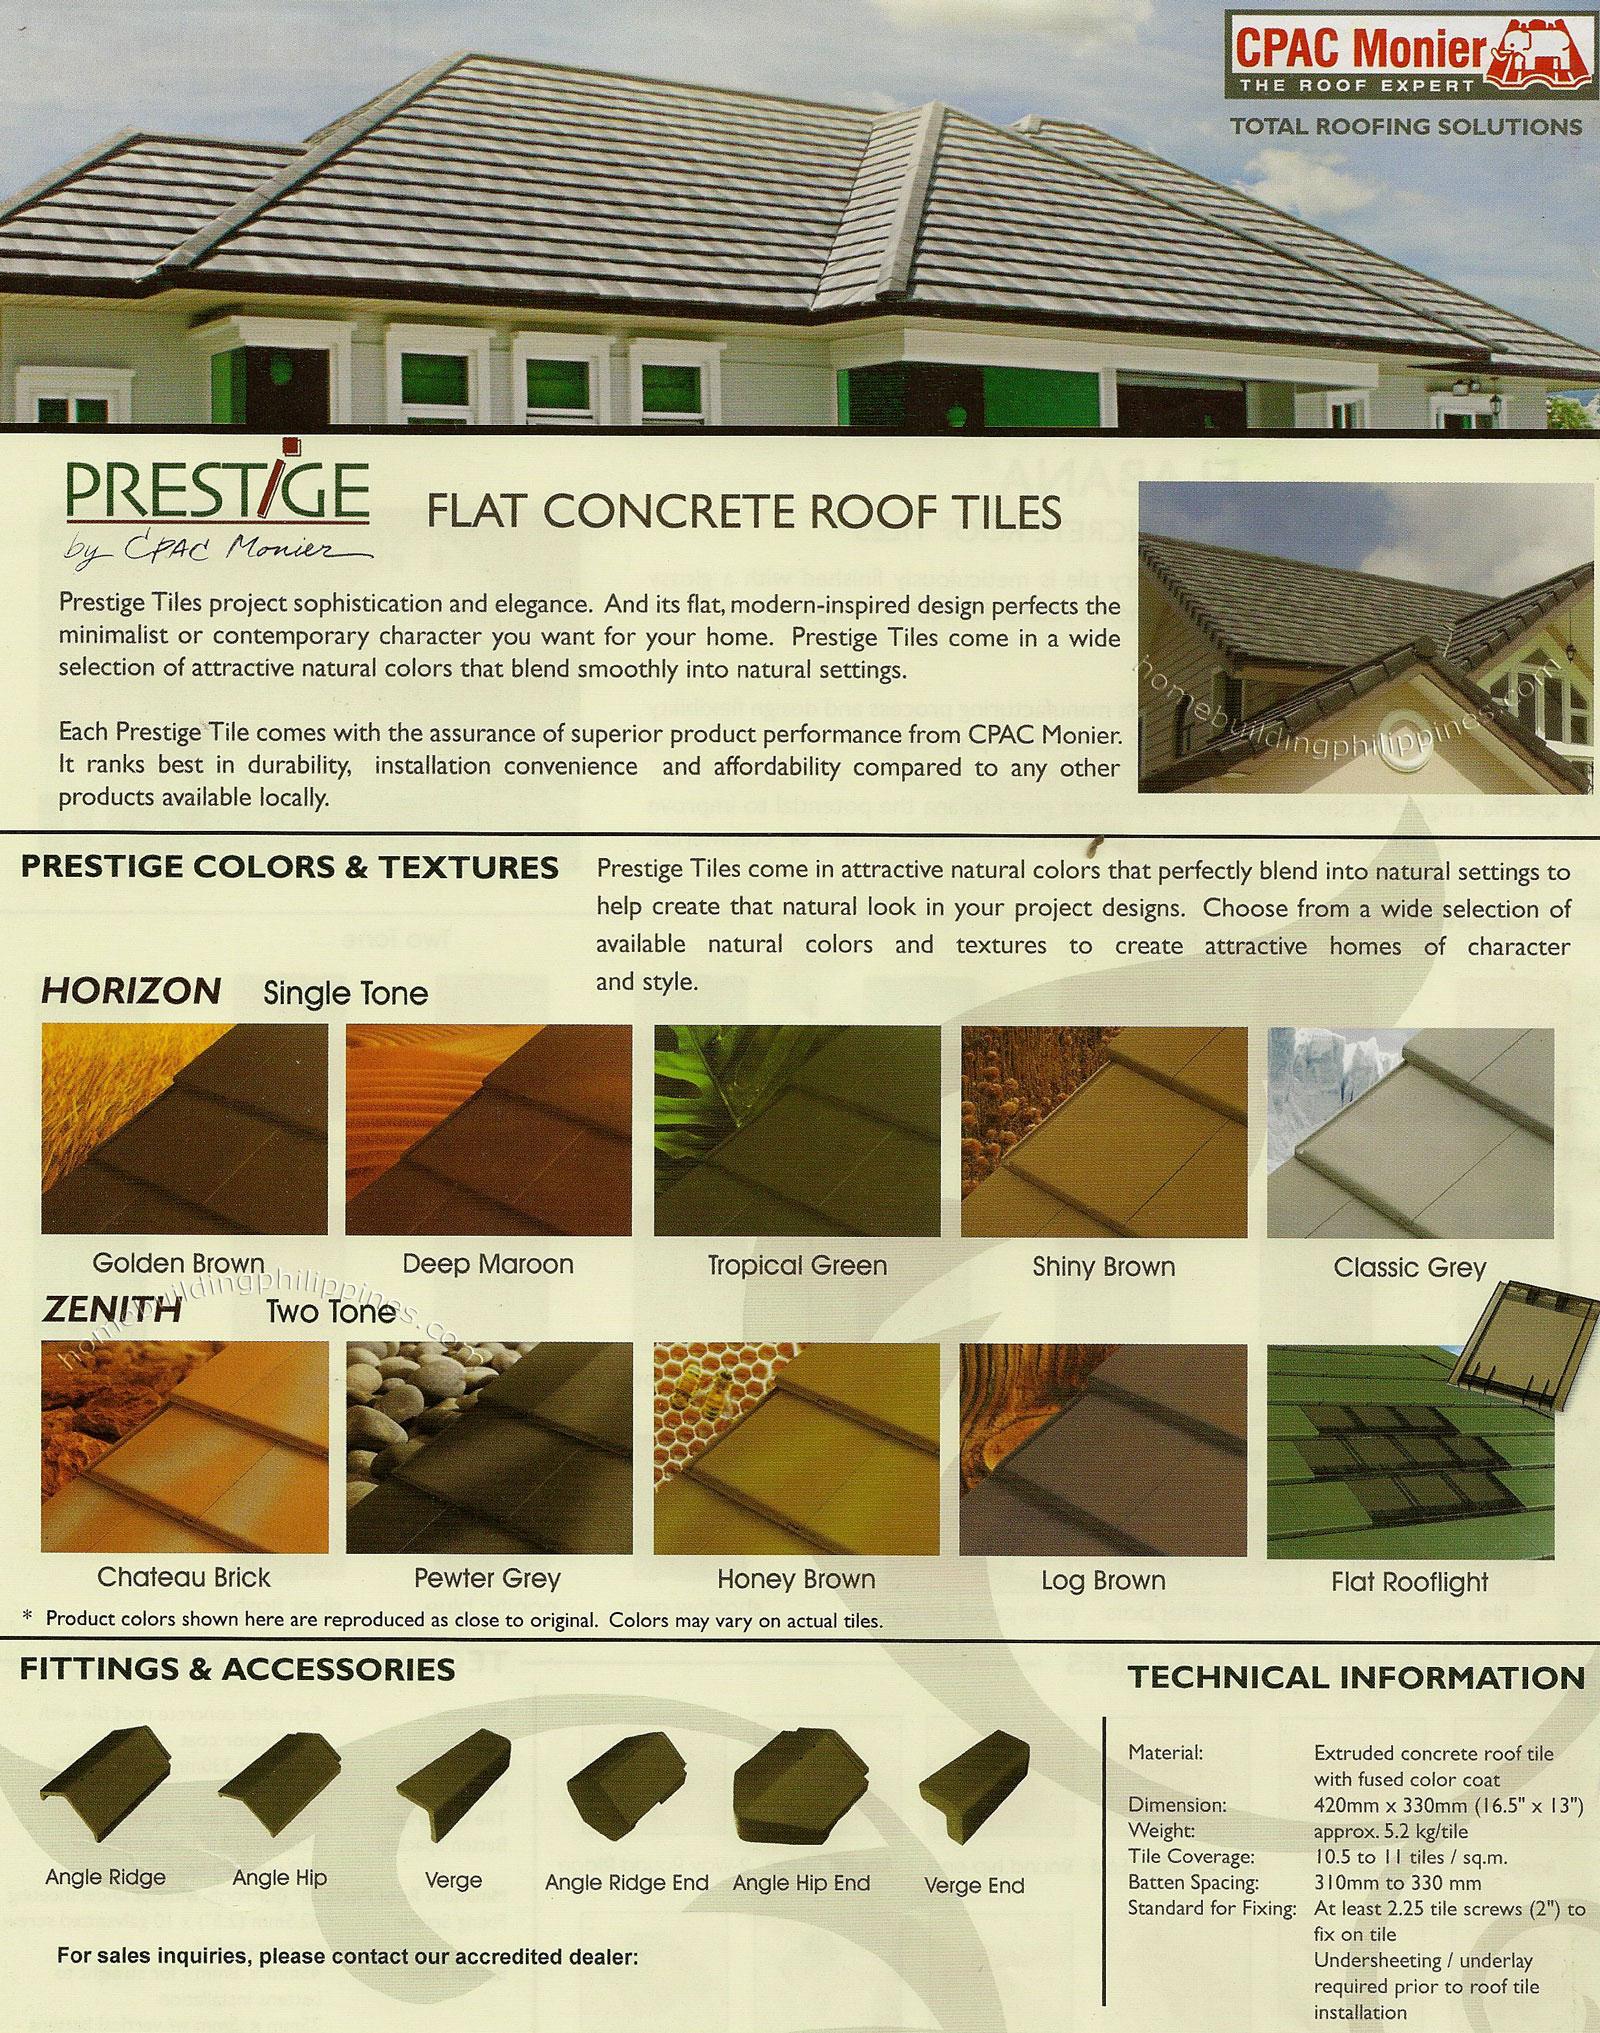 Prestige Flat Concrete Roof Tiles